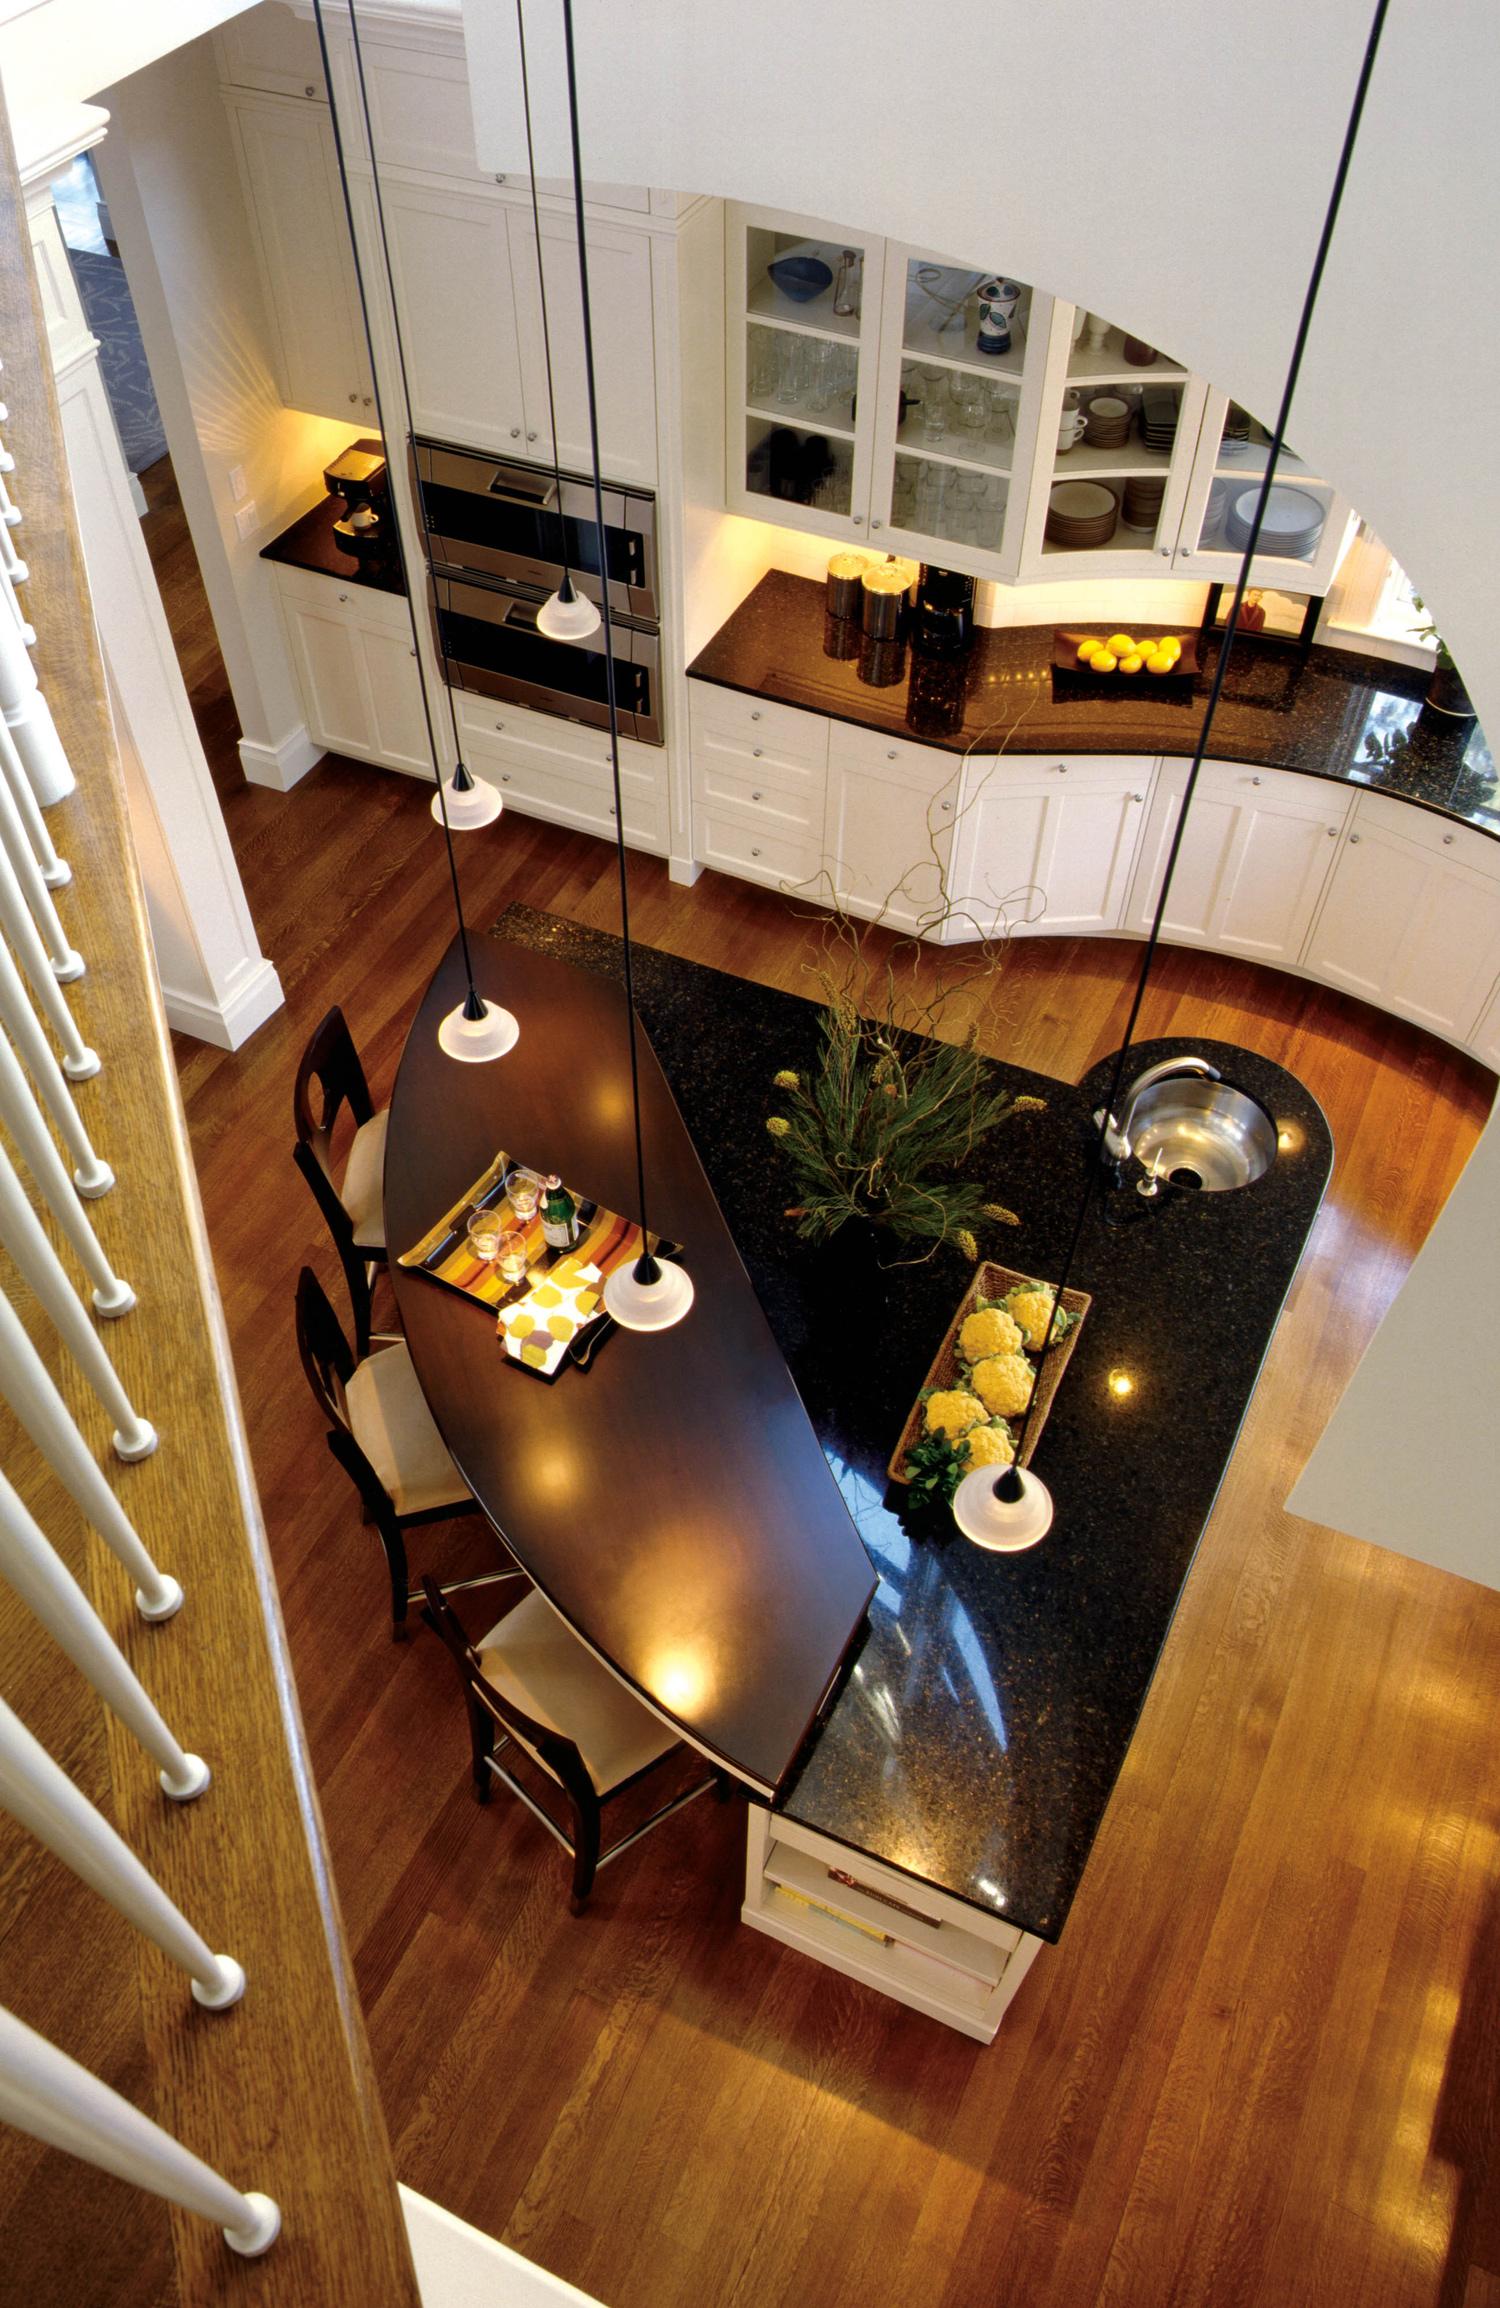 Cooperstein_Kitchen2.jpg